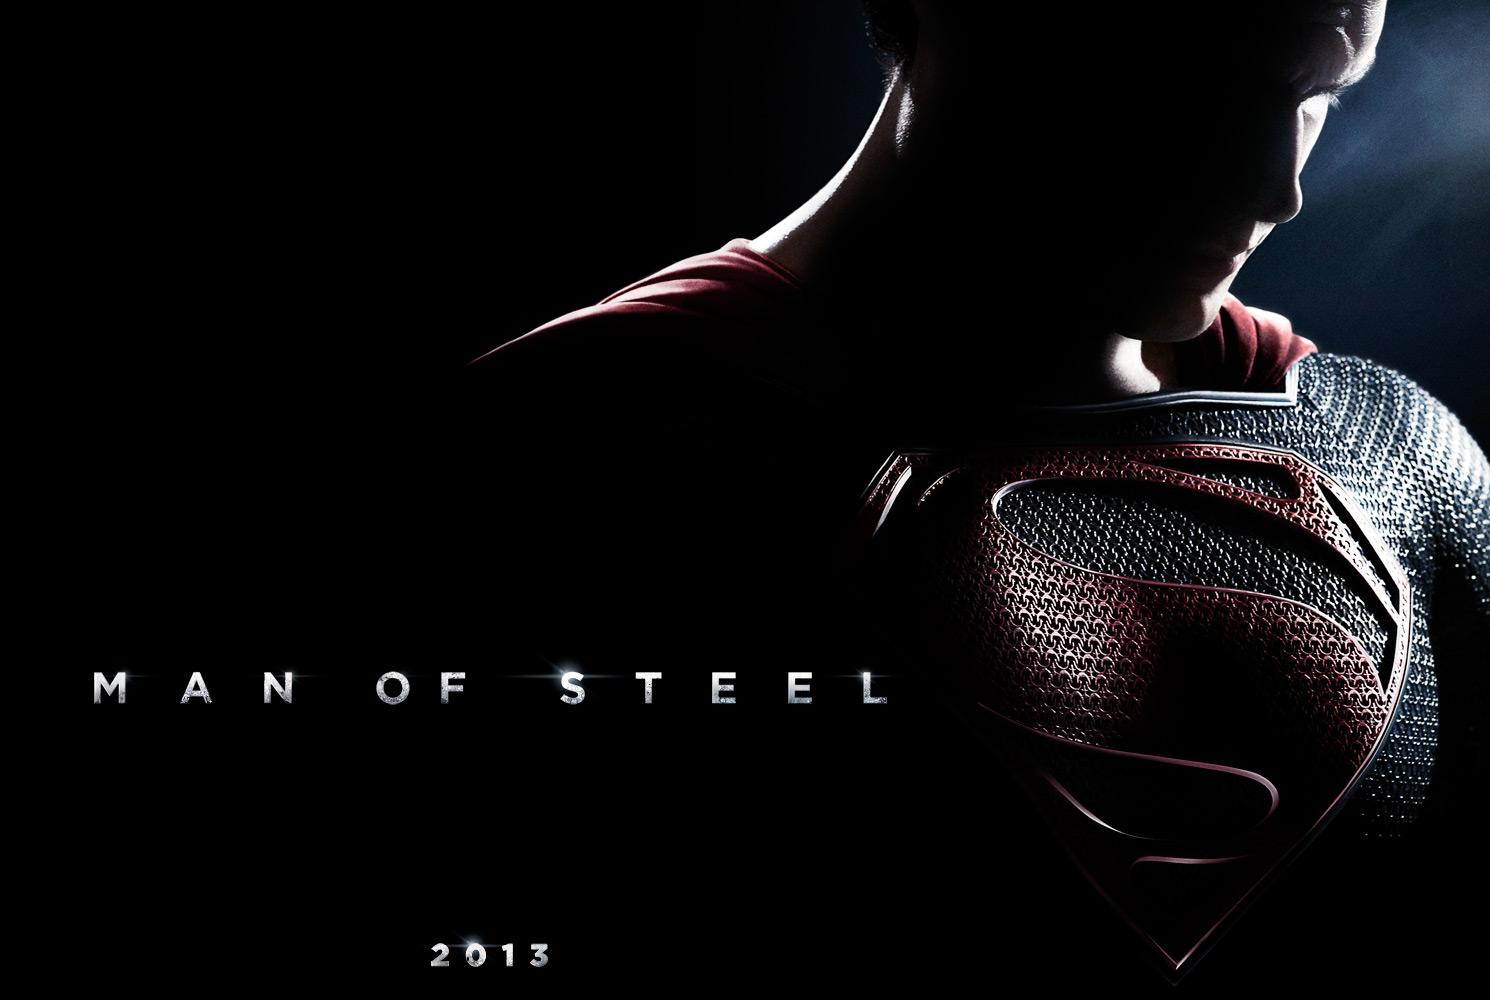 Découvrons aujourd'hui les premières images de la futur adaptation au cinéma de Superman : Man of Steel !